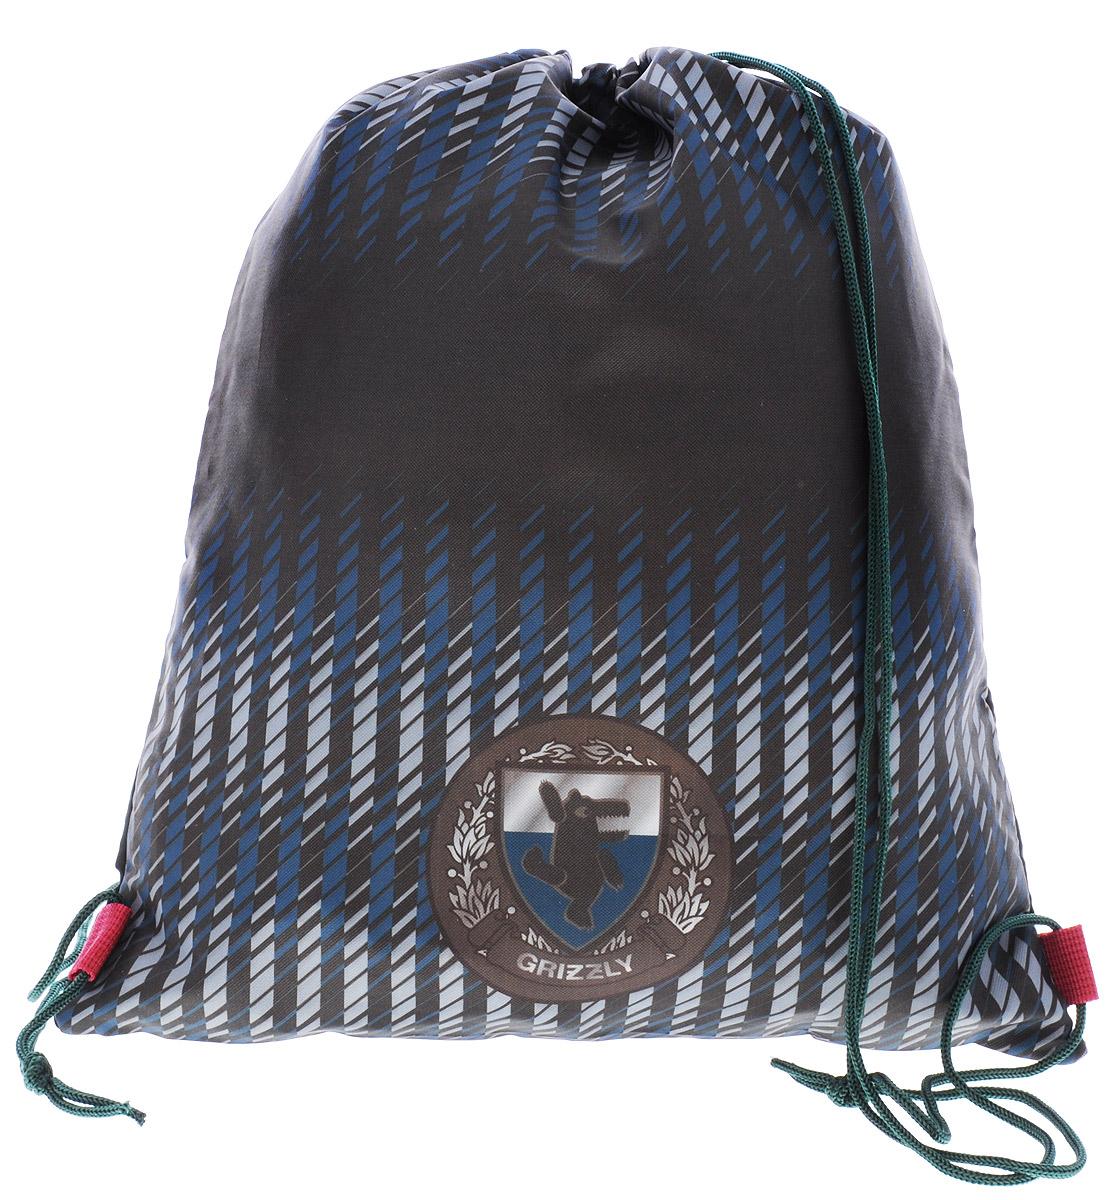 Grizzly Мешок для обуви цвет черный зеленый синийOM-667-8/1Мешок для обуви Grizzly идеально подойдет как для хранения, так и для переноски сменной обуви и одежды. Мешок выполнен из прочного материала и содержит одно вместительное отделение, затягивающееся с помощью текстильных шнурков. Шнурки фиксируются в нижней части сумки, благодаря чему ее можно носить за спиной как рюкзак. Ваш ребенок с радостью будет ходить с таким аксессуаром в школу! Уход: протирать мыльным раствором (без хлора) при температуре не выше 30 градусов.